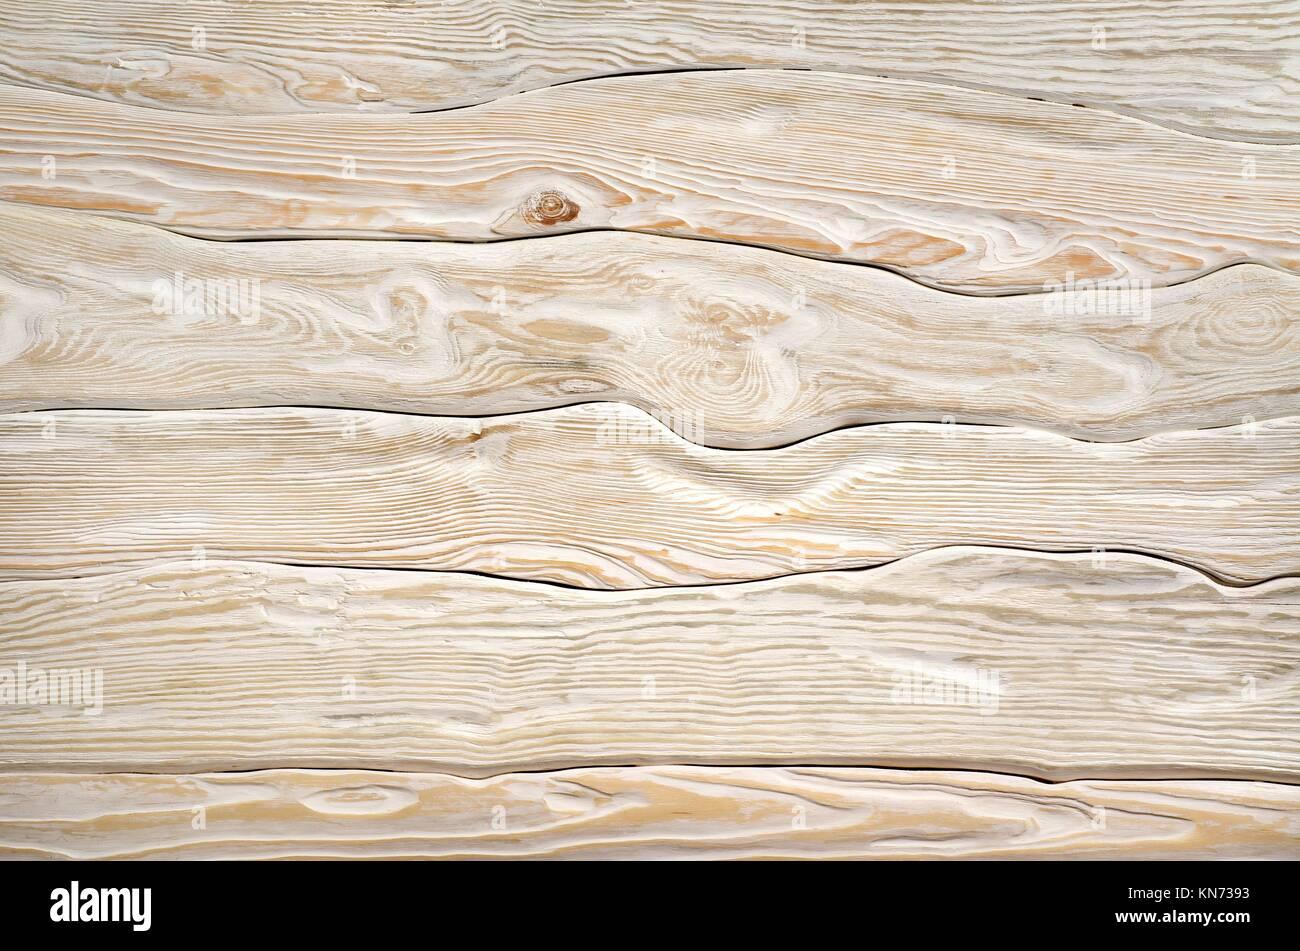 Alte licht Holz- Board einer weiß lackiert Farbe Stockfoto, Bild ...